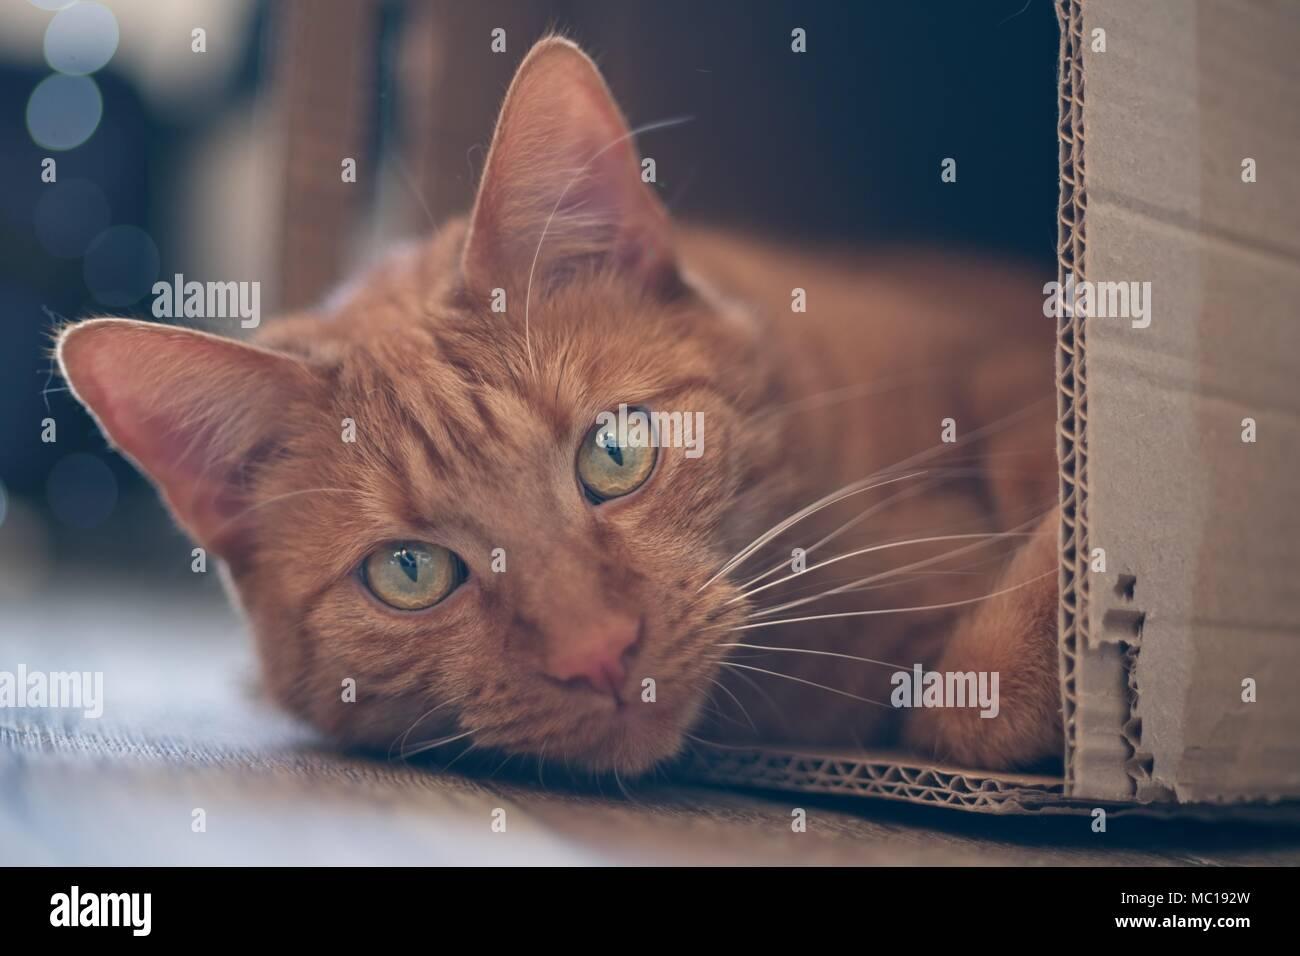 Ingwer Katze in einem Karton und Blick in die Kamera lag. Stockbild